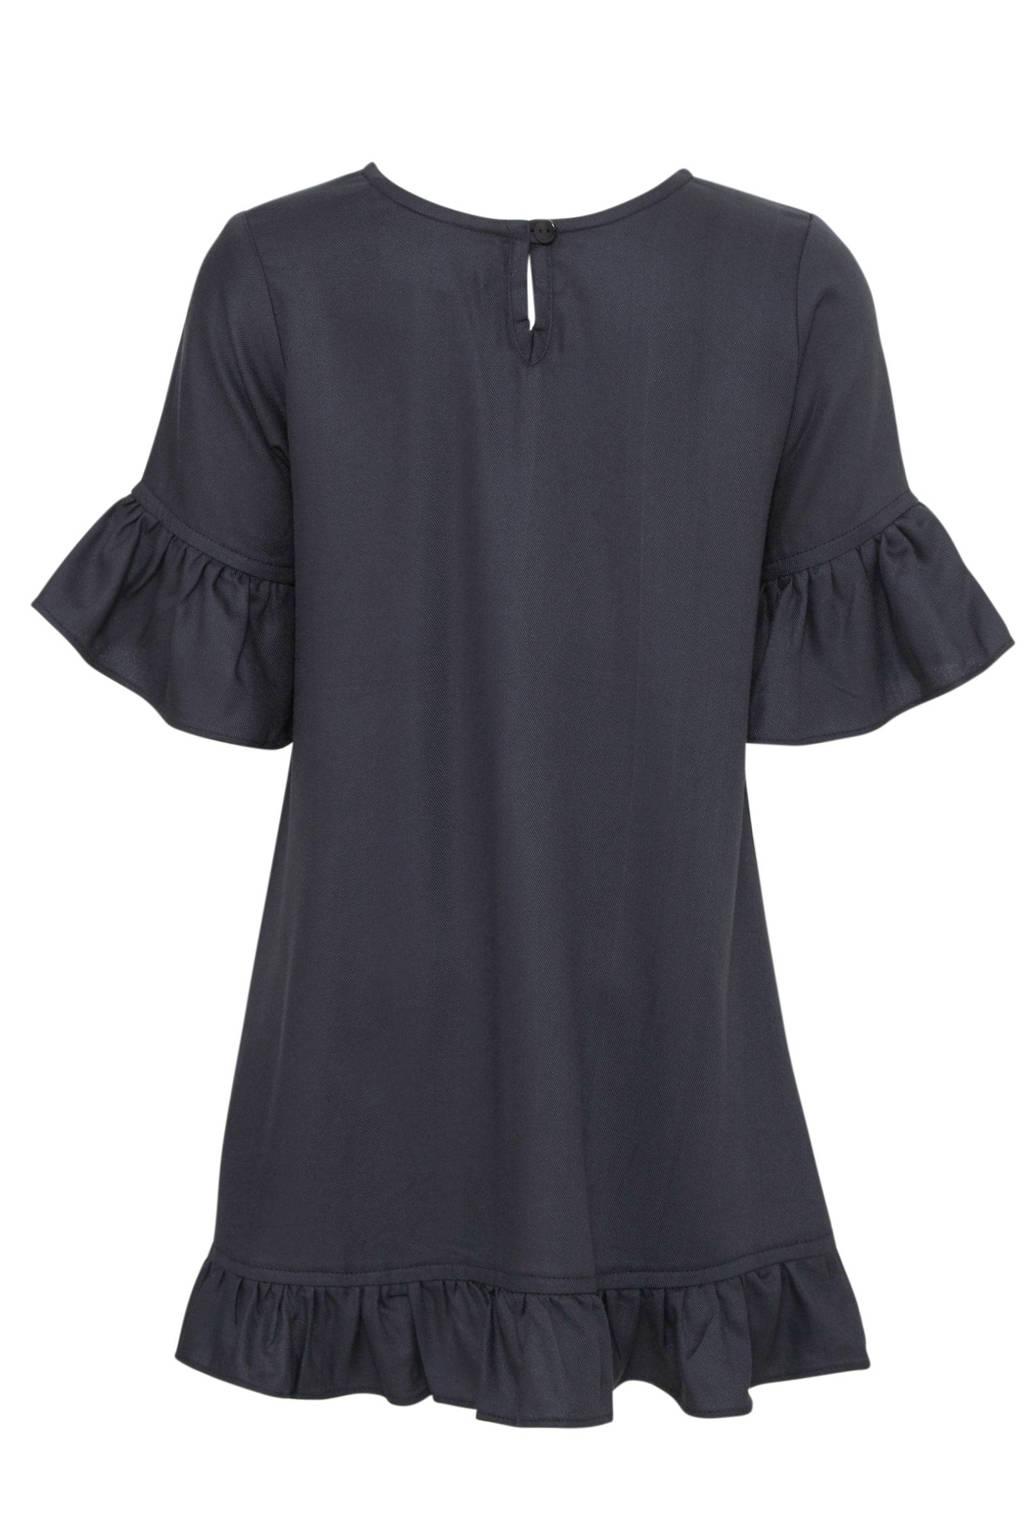 Koko Noko jurk met borduursels donkerblauw/goud, Donkerblauw/goud